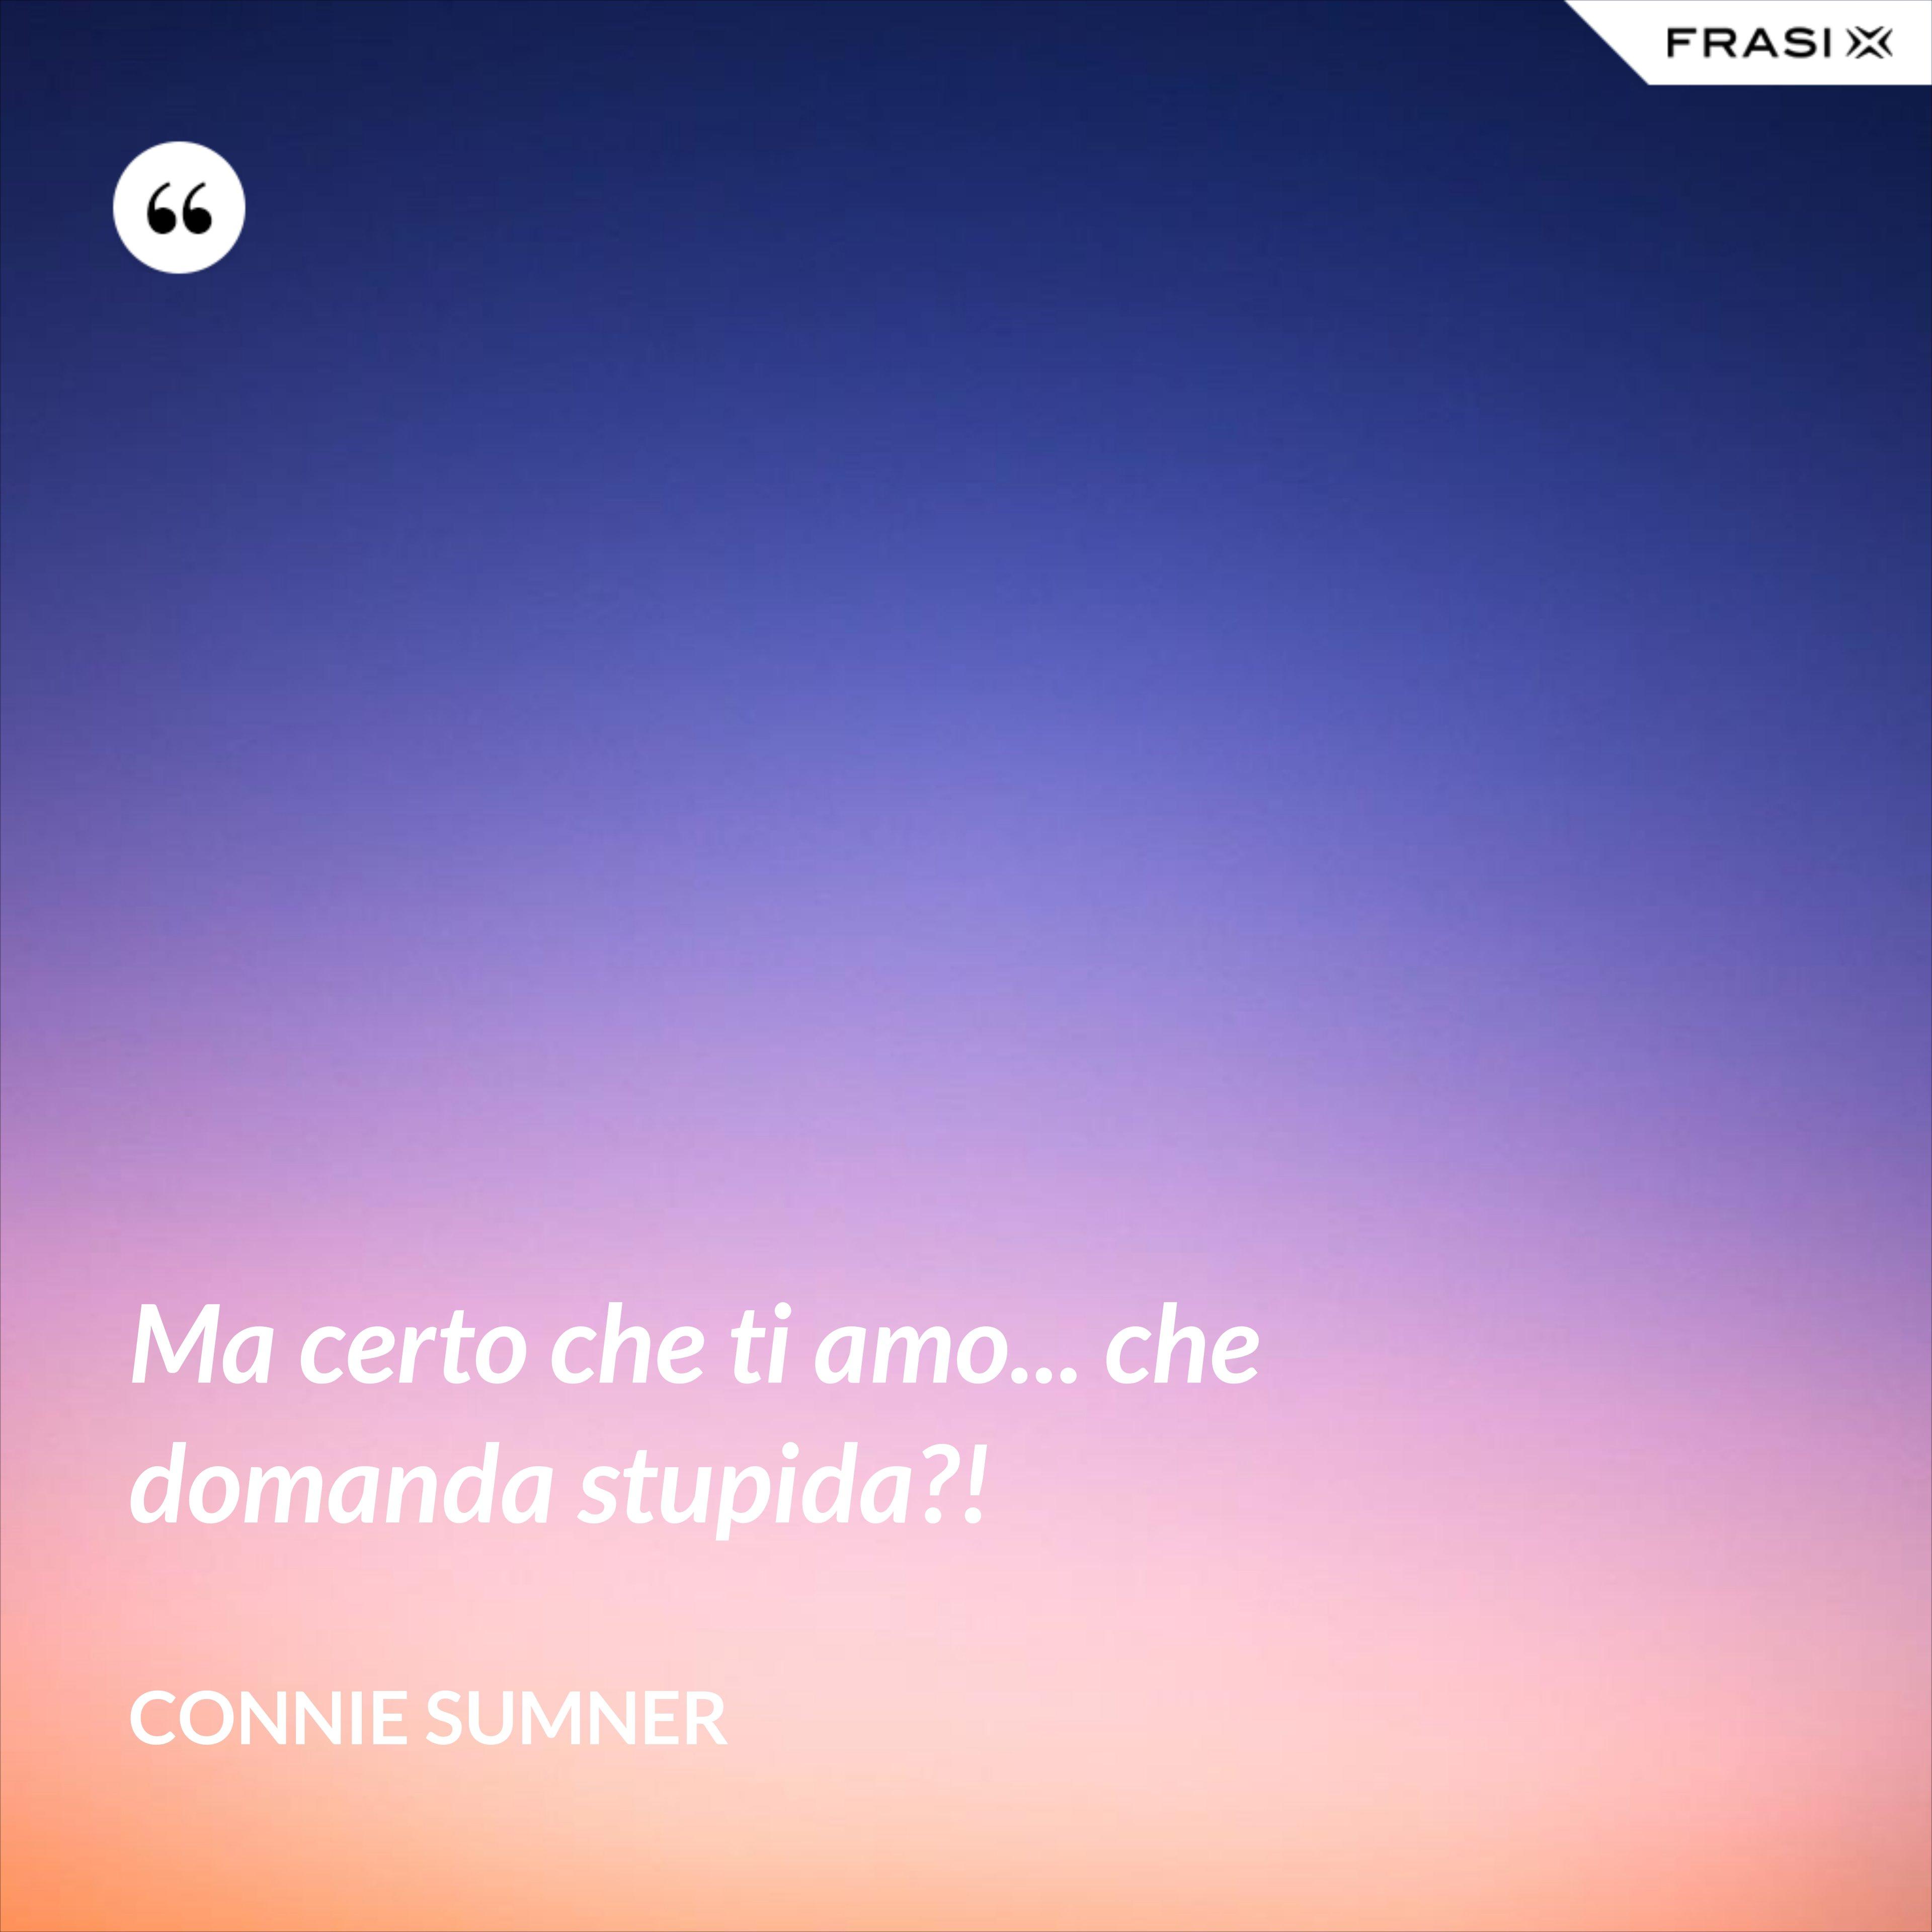 Ma certo che ti amo... che domanda stupida?! - Connie Sumner